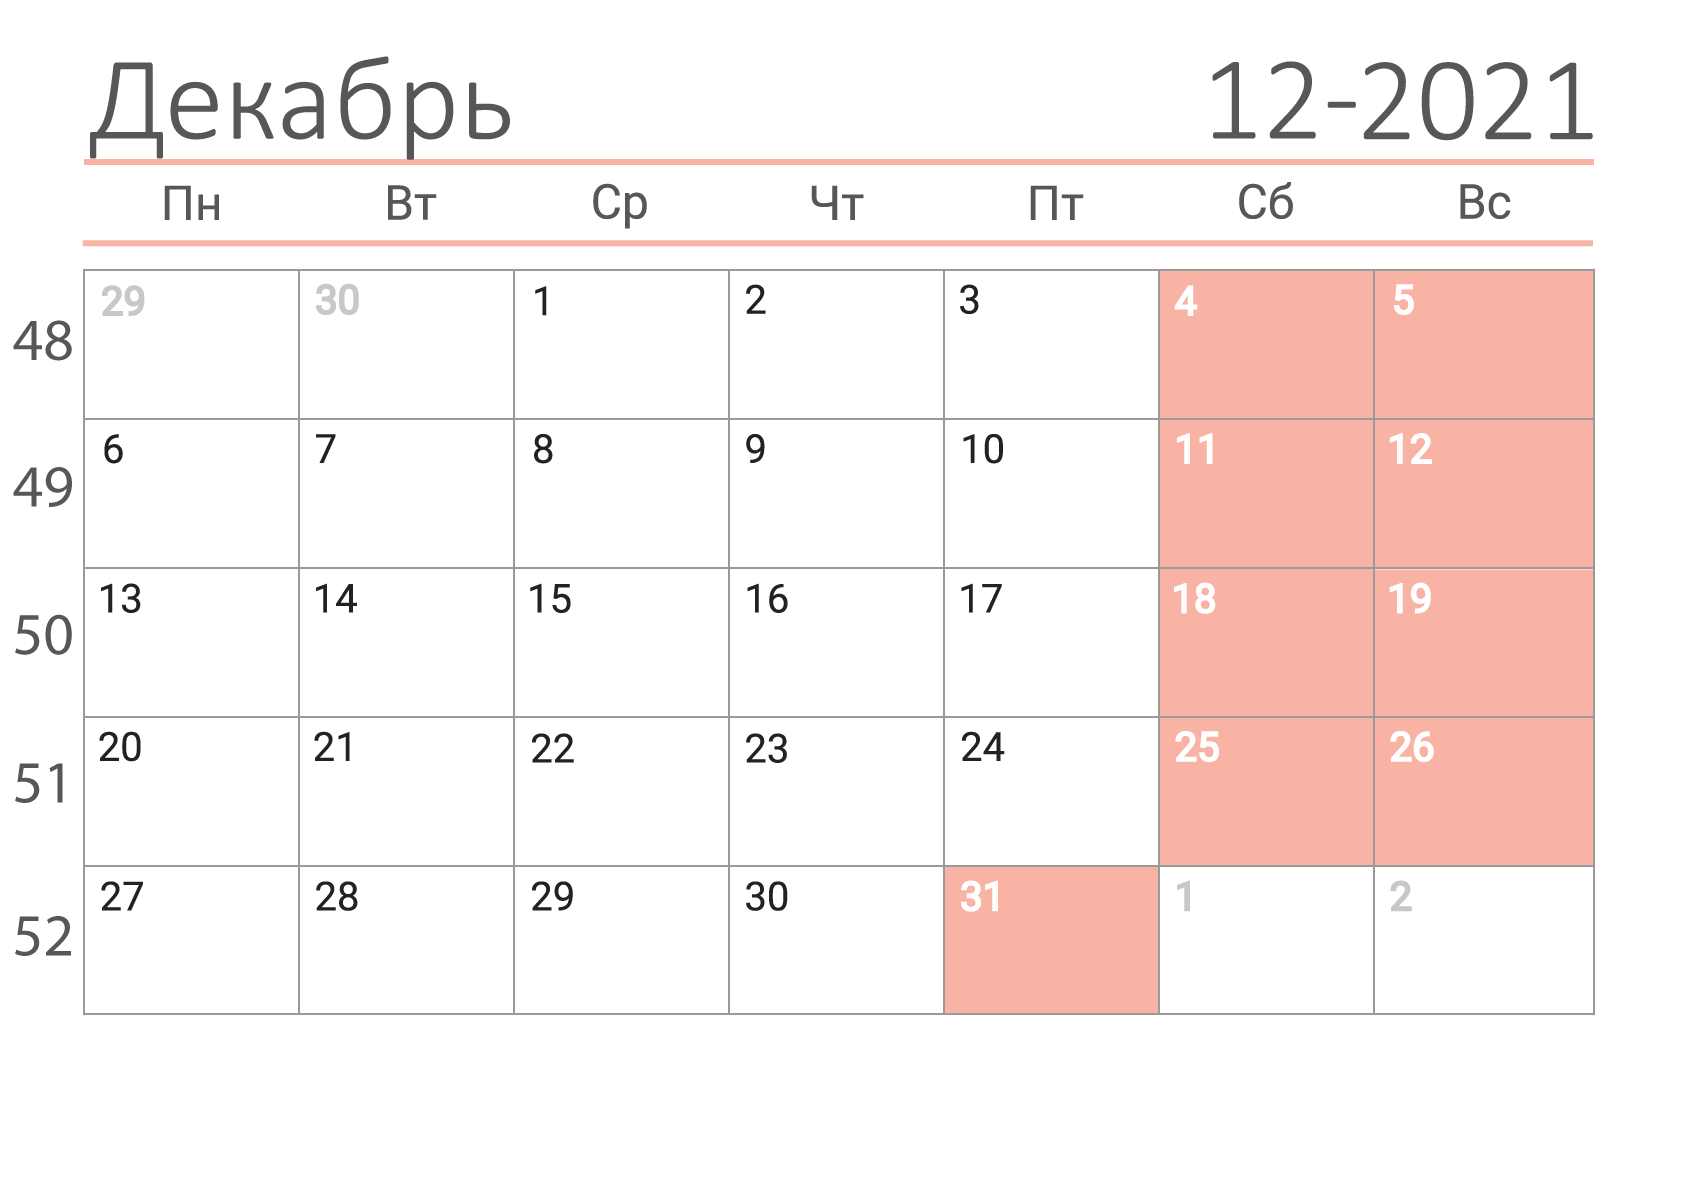 Декабрь 2021 - Календарь-сетка